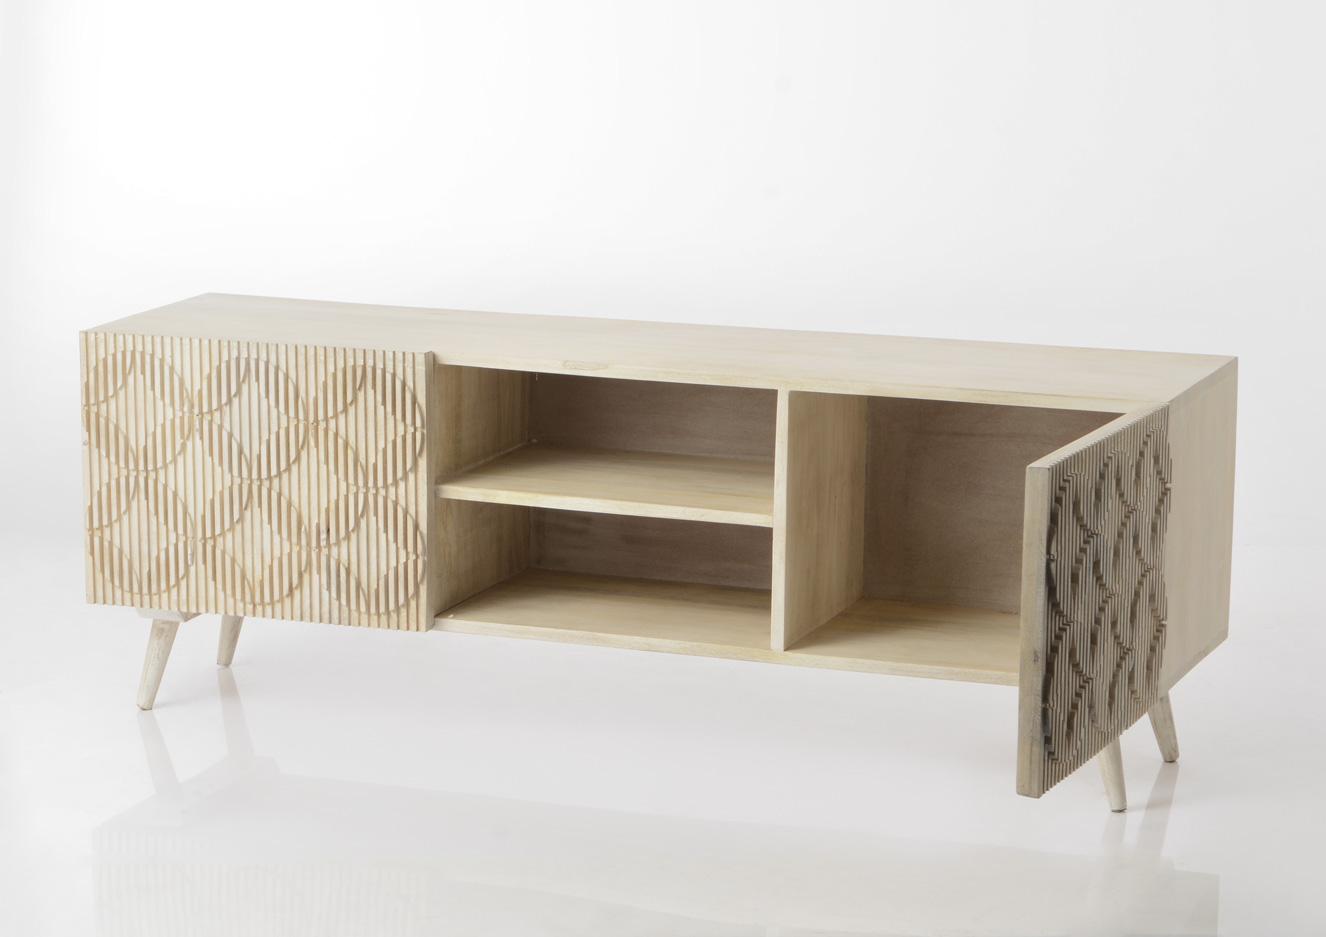 meuble tv bois style contemporain 140 cm